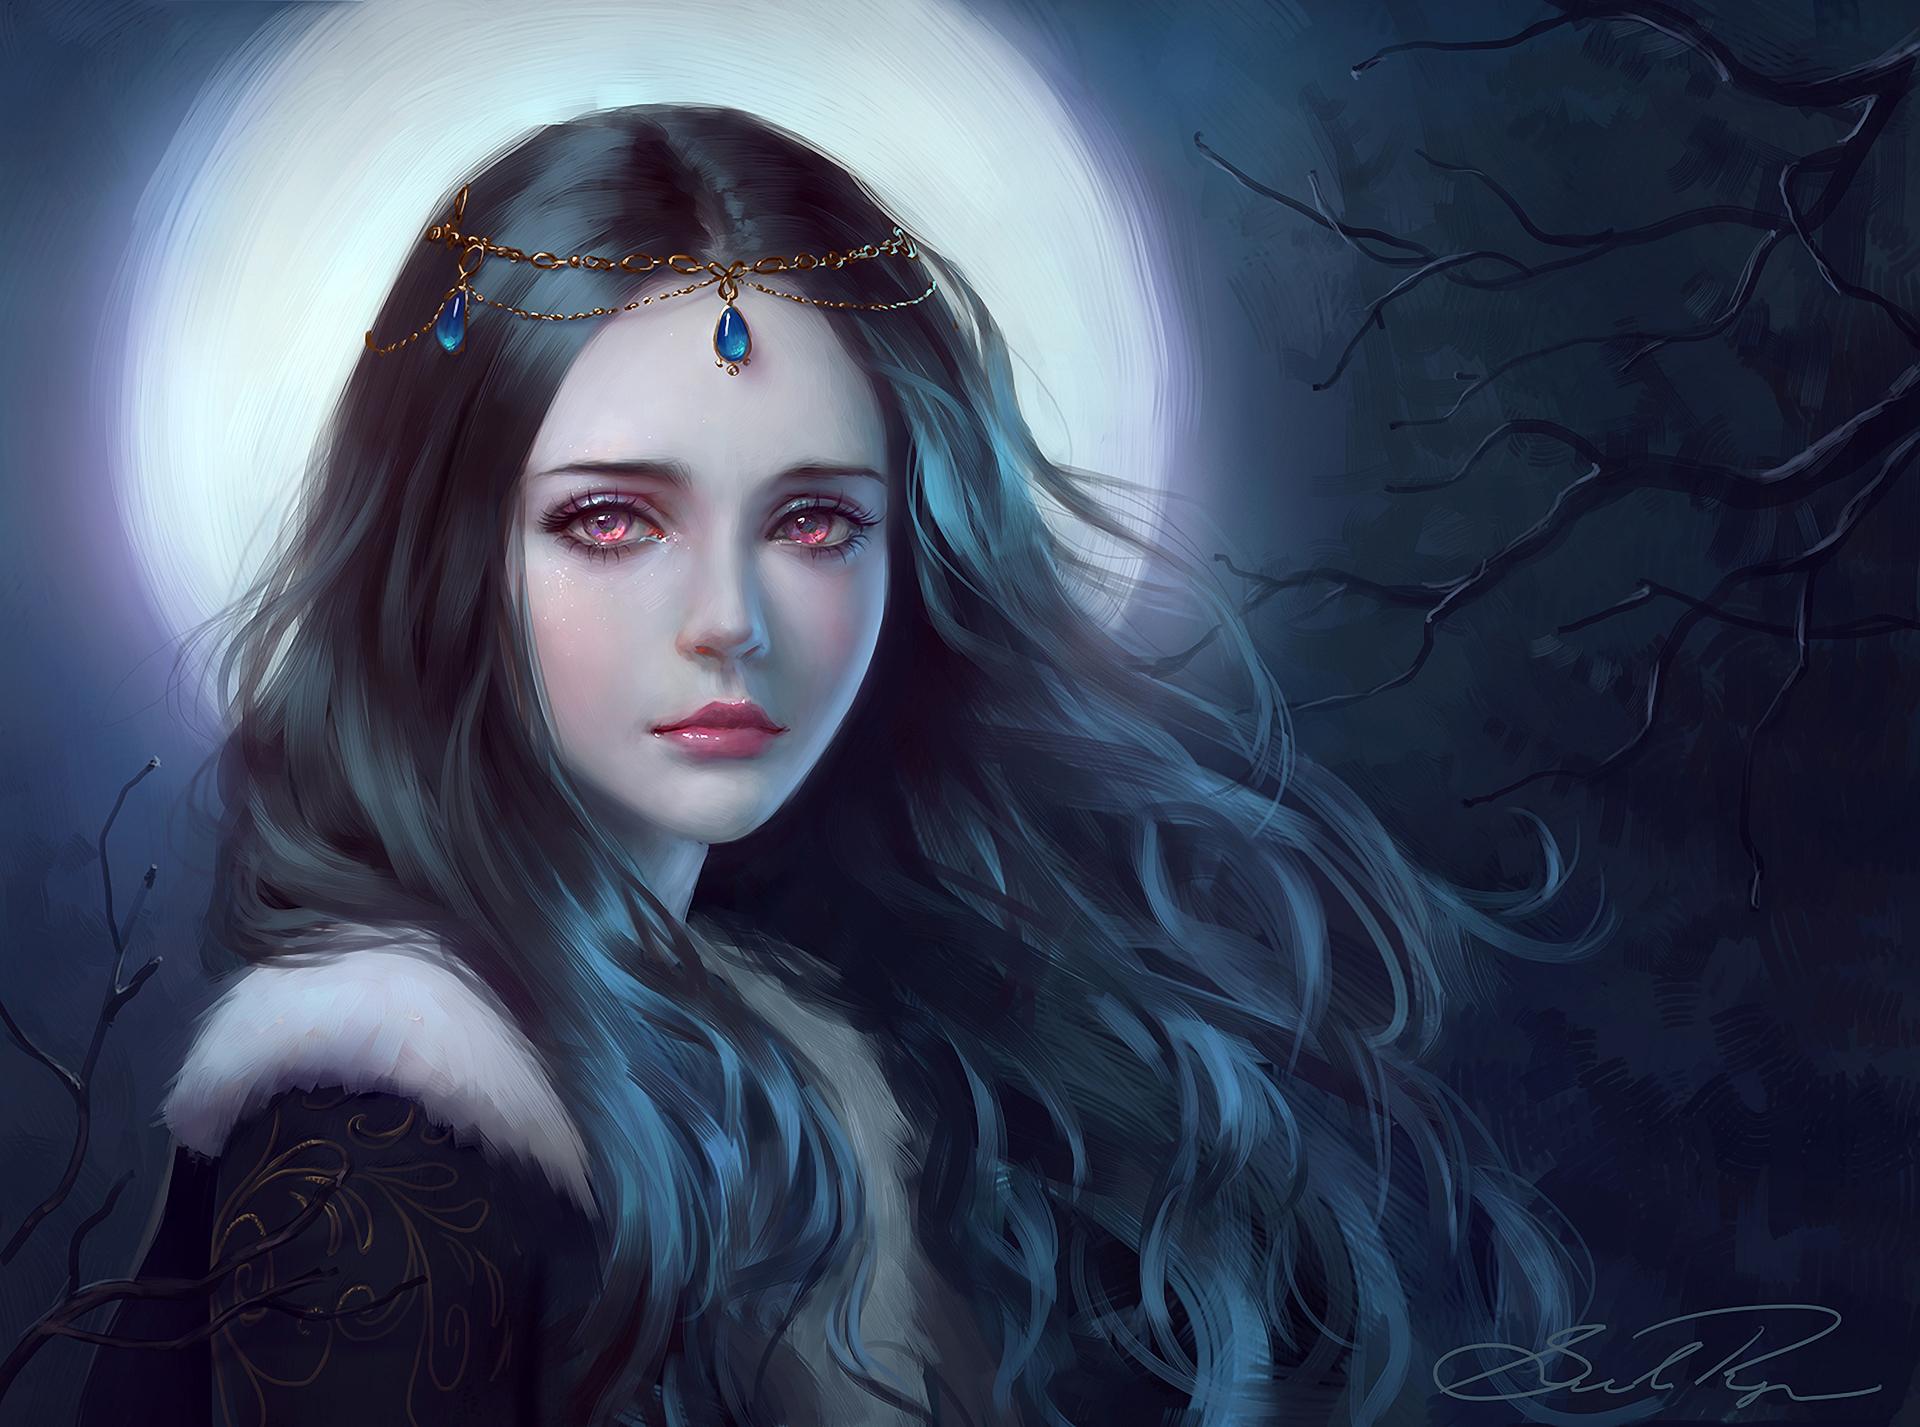 Грустные и красивые картинки с эльфийскими девушками, днем рождения